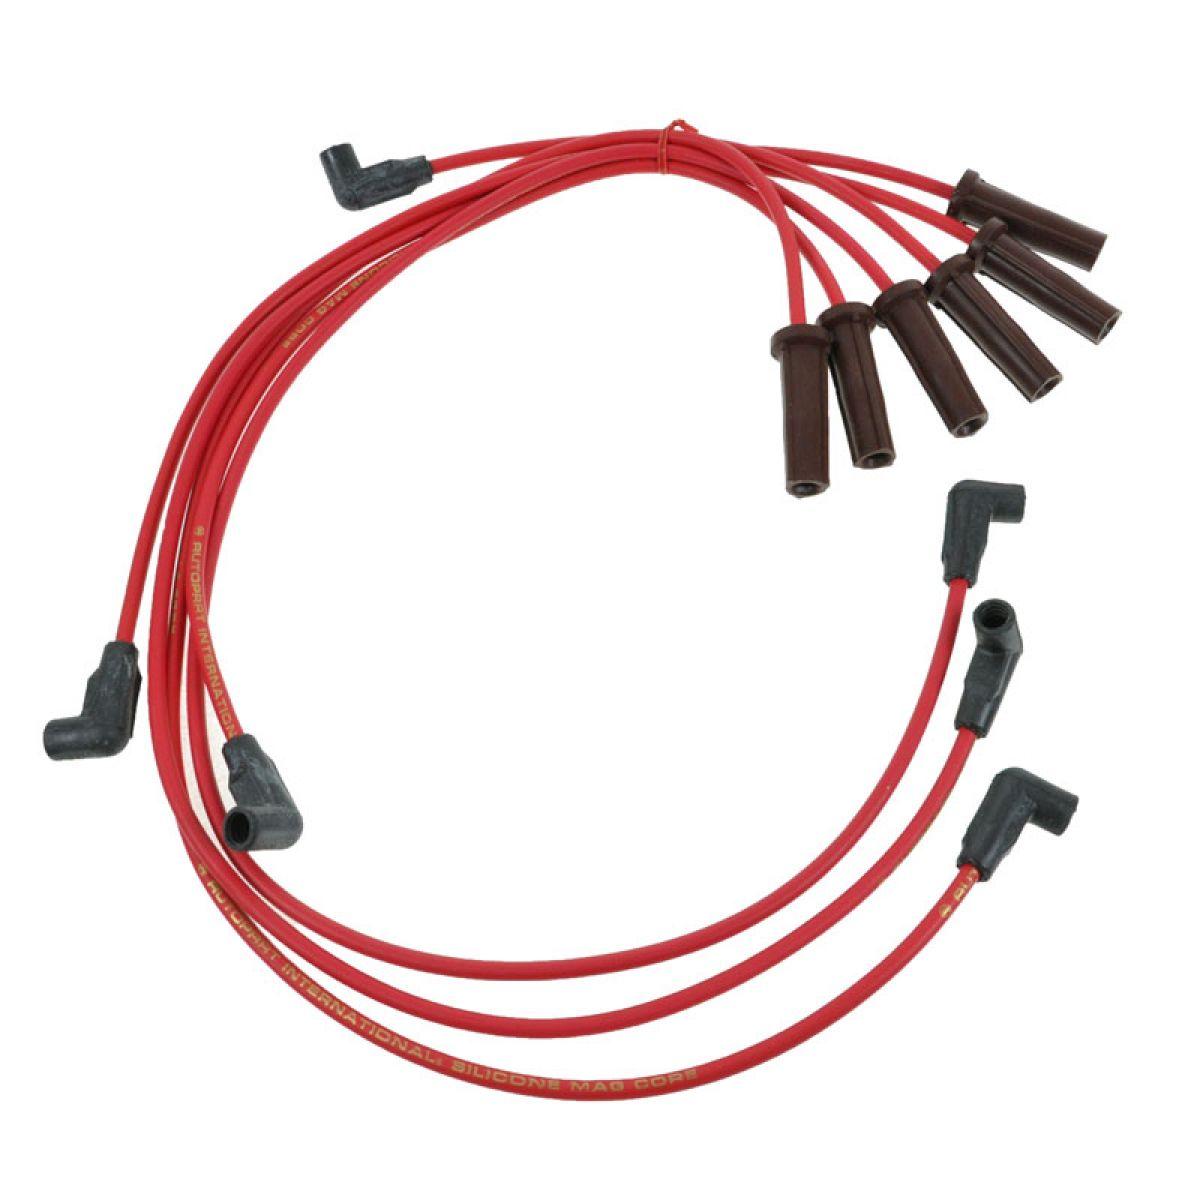 Ignition Spark Plug Wire Set Kit 12192189 for Buick Olds Pontiac V6 3.8 3800